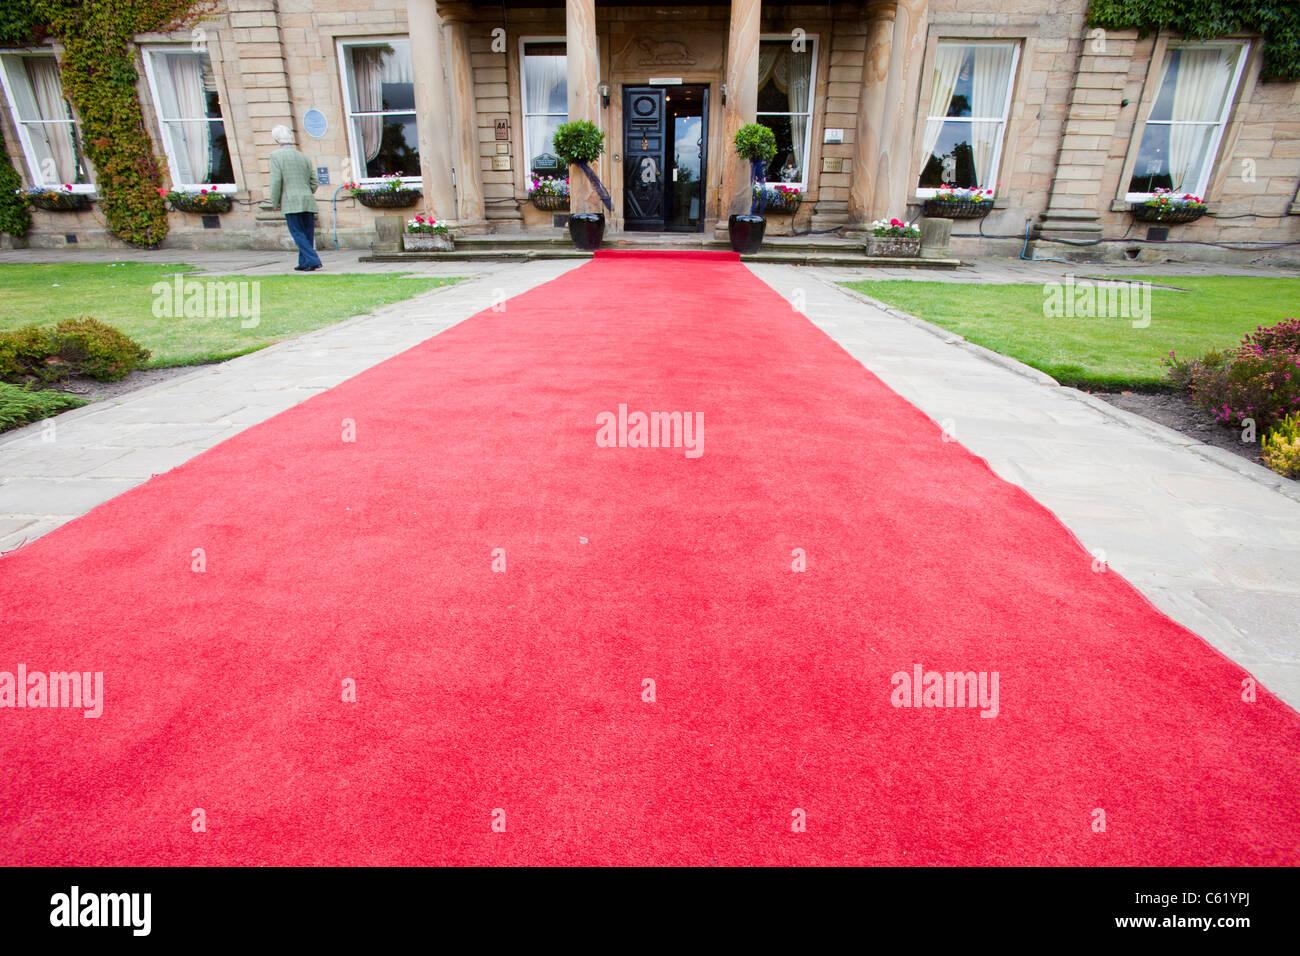 Ein roter Teppich führt in Richtung Walton Hall in der Nähe von Wakefield, Yorkshire, Großbritannien. Stockbild